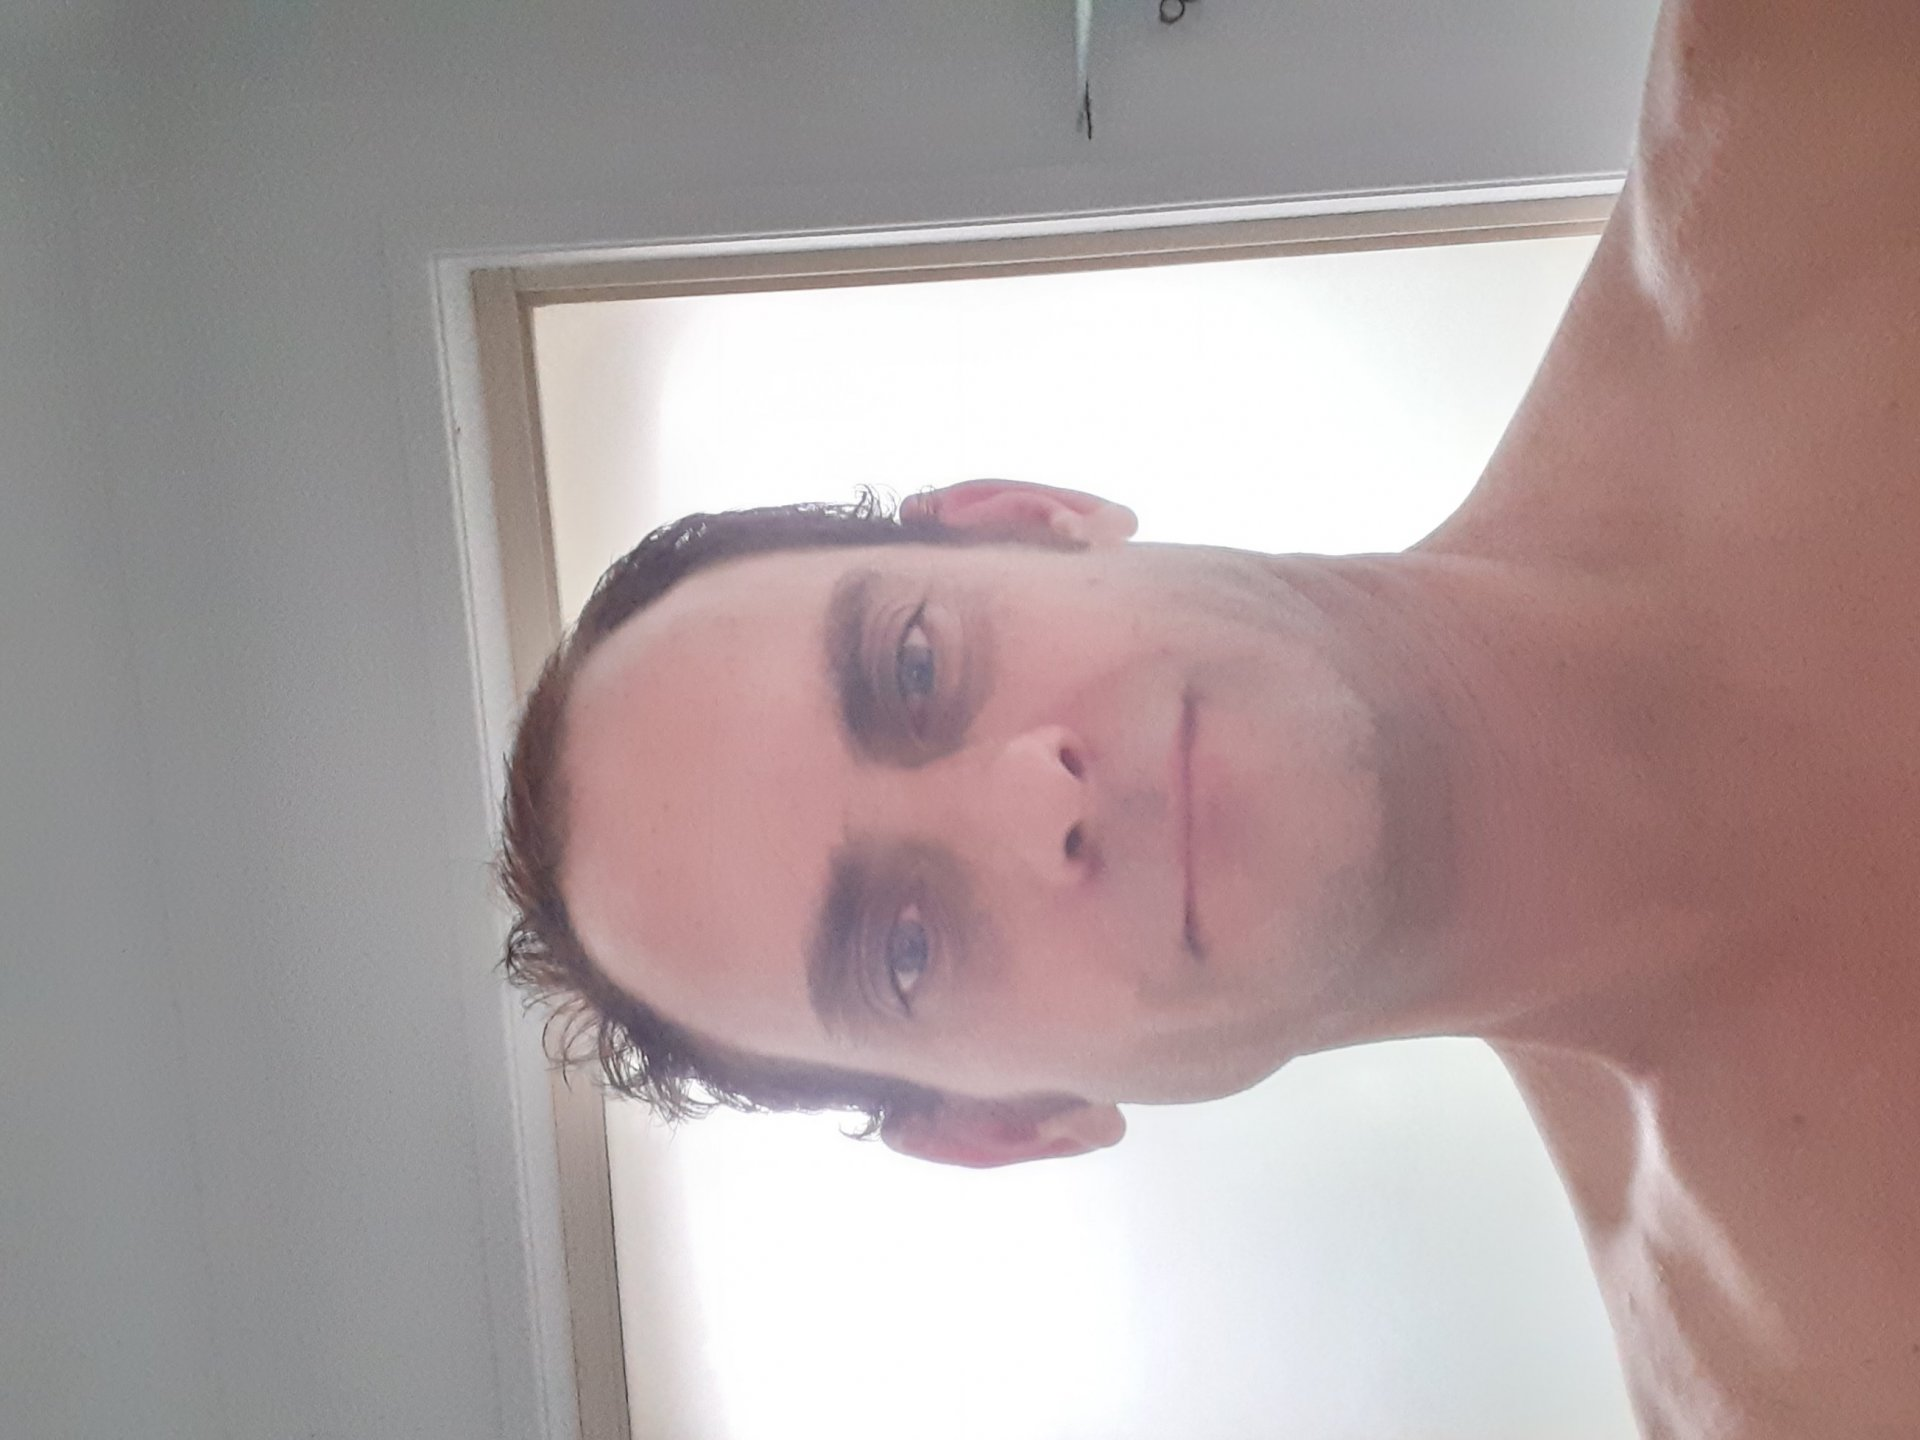 Brent83 from Queensland,Australia